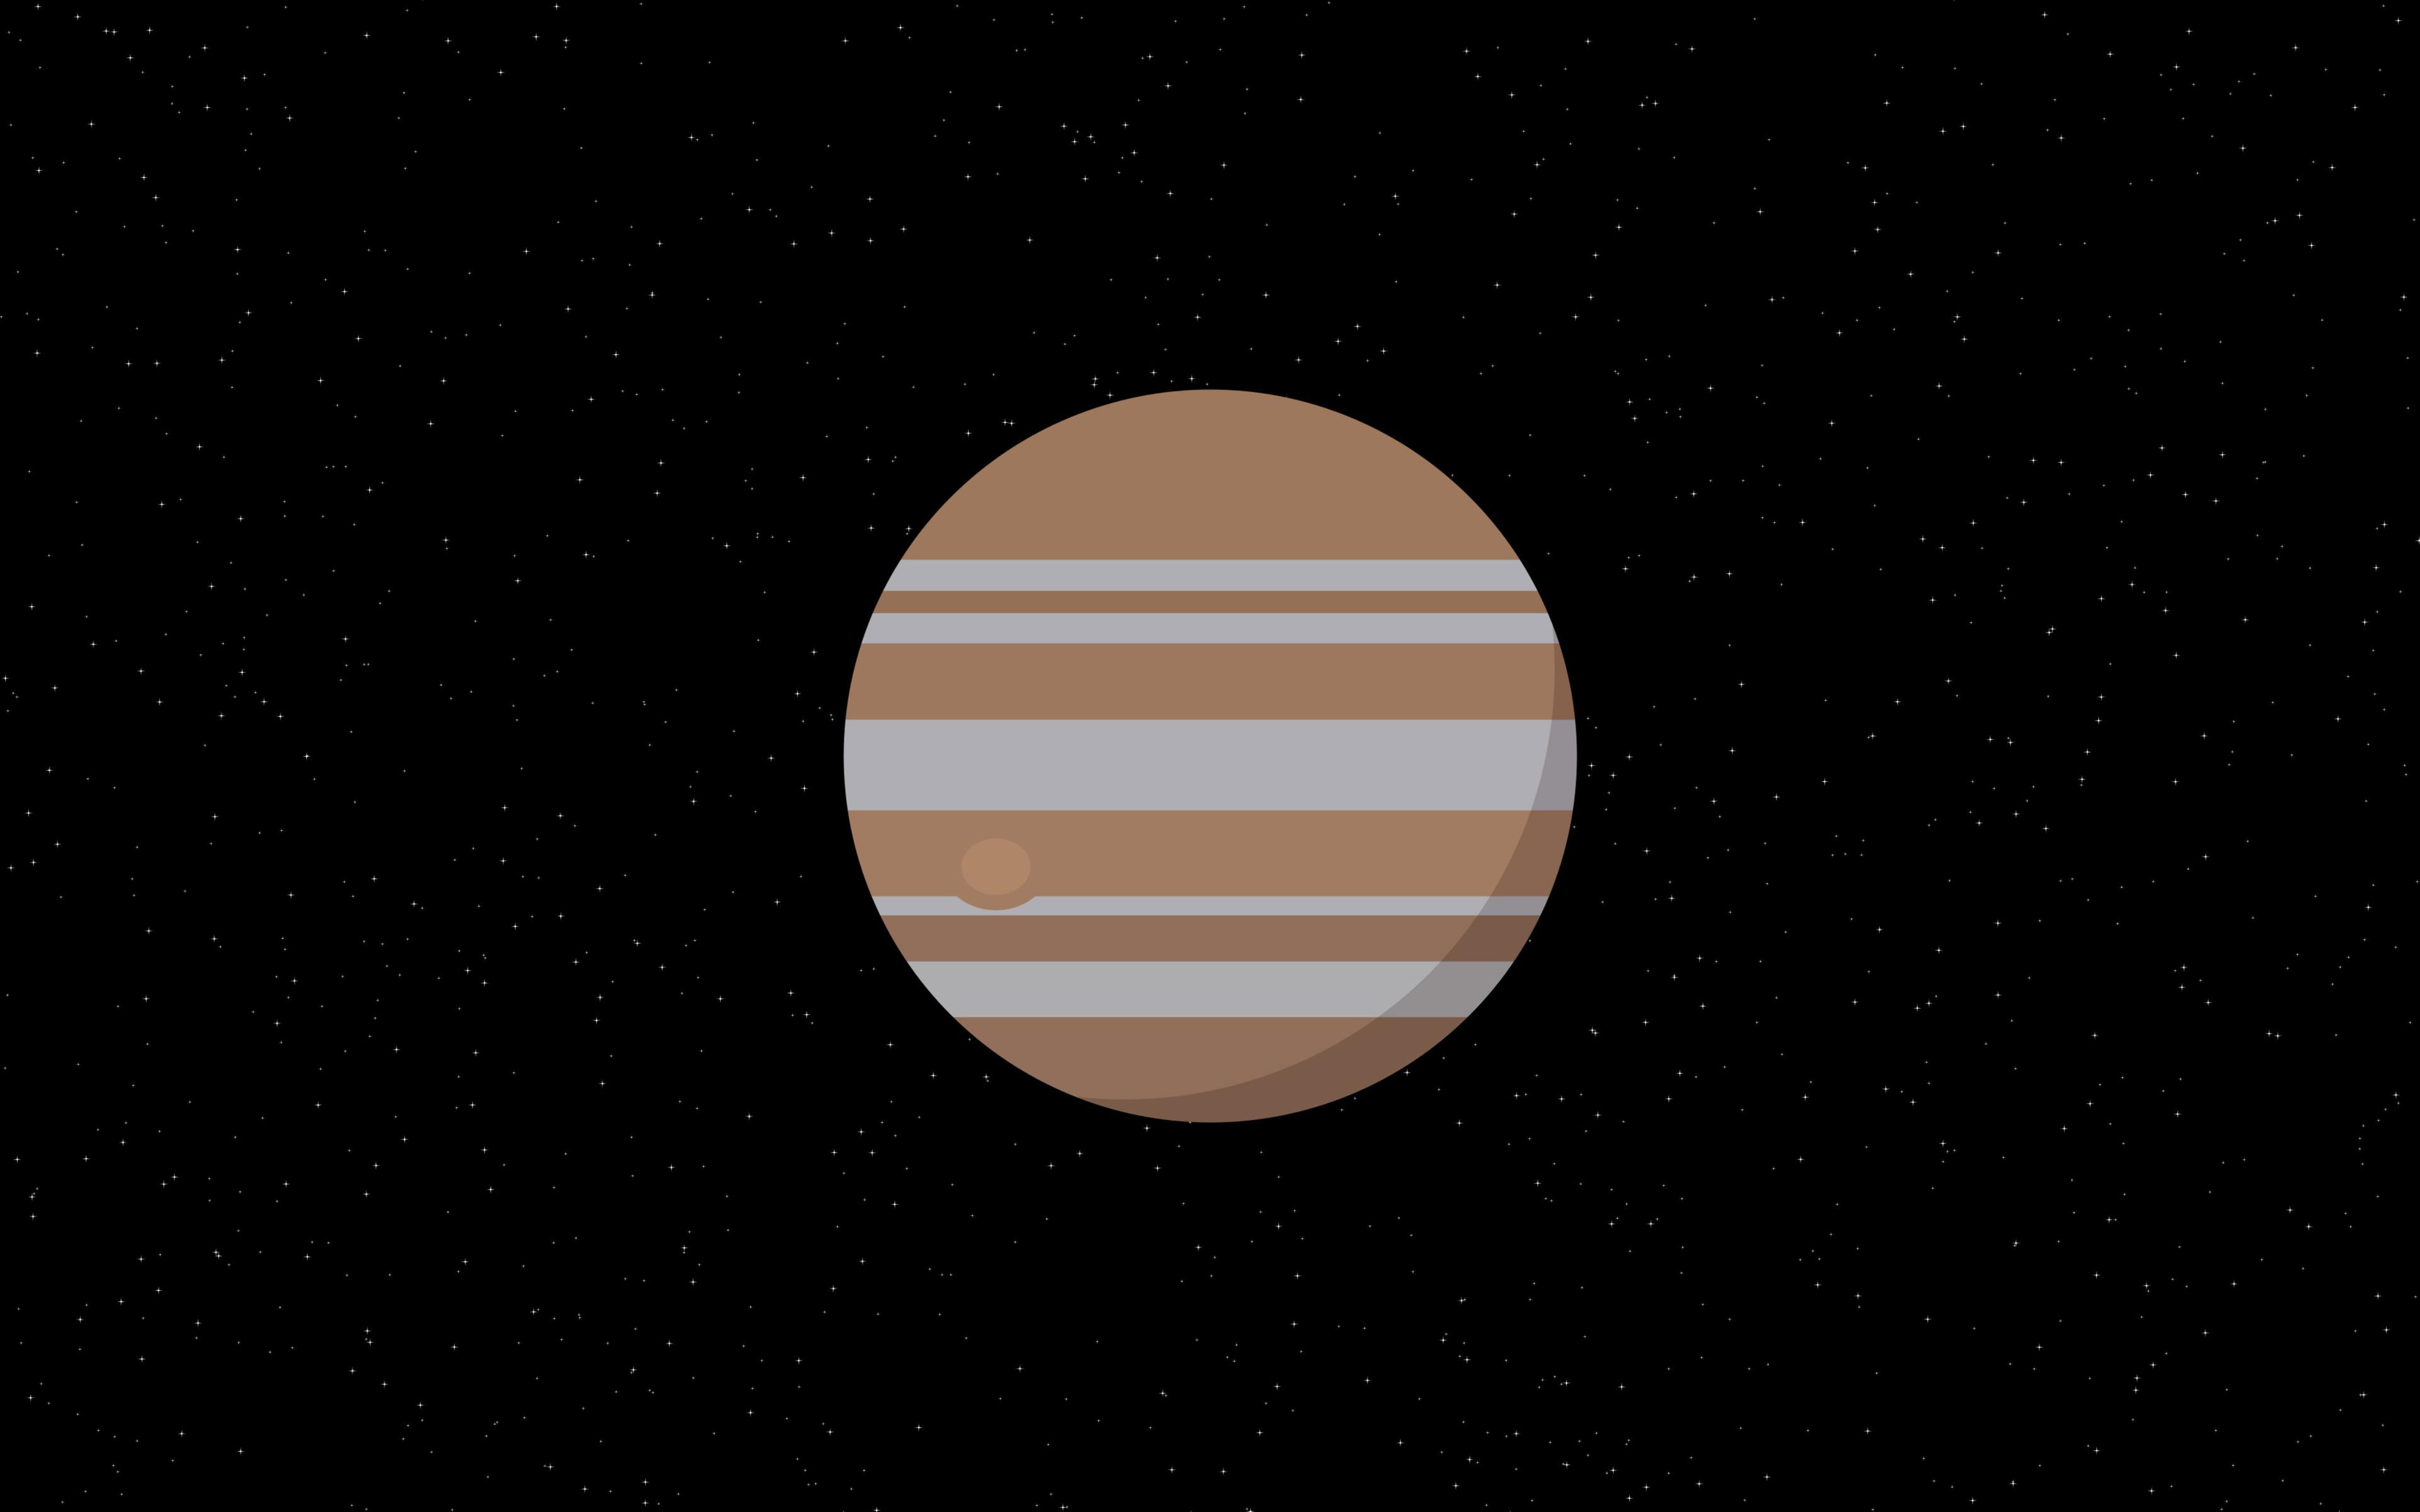 jupiter-planet-minimalism-4k-yx.jpg